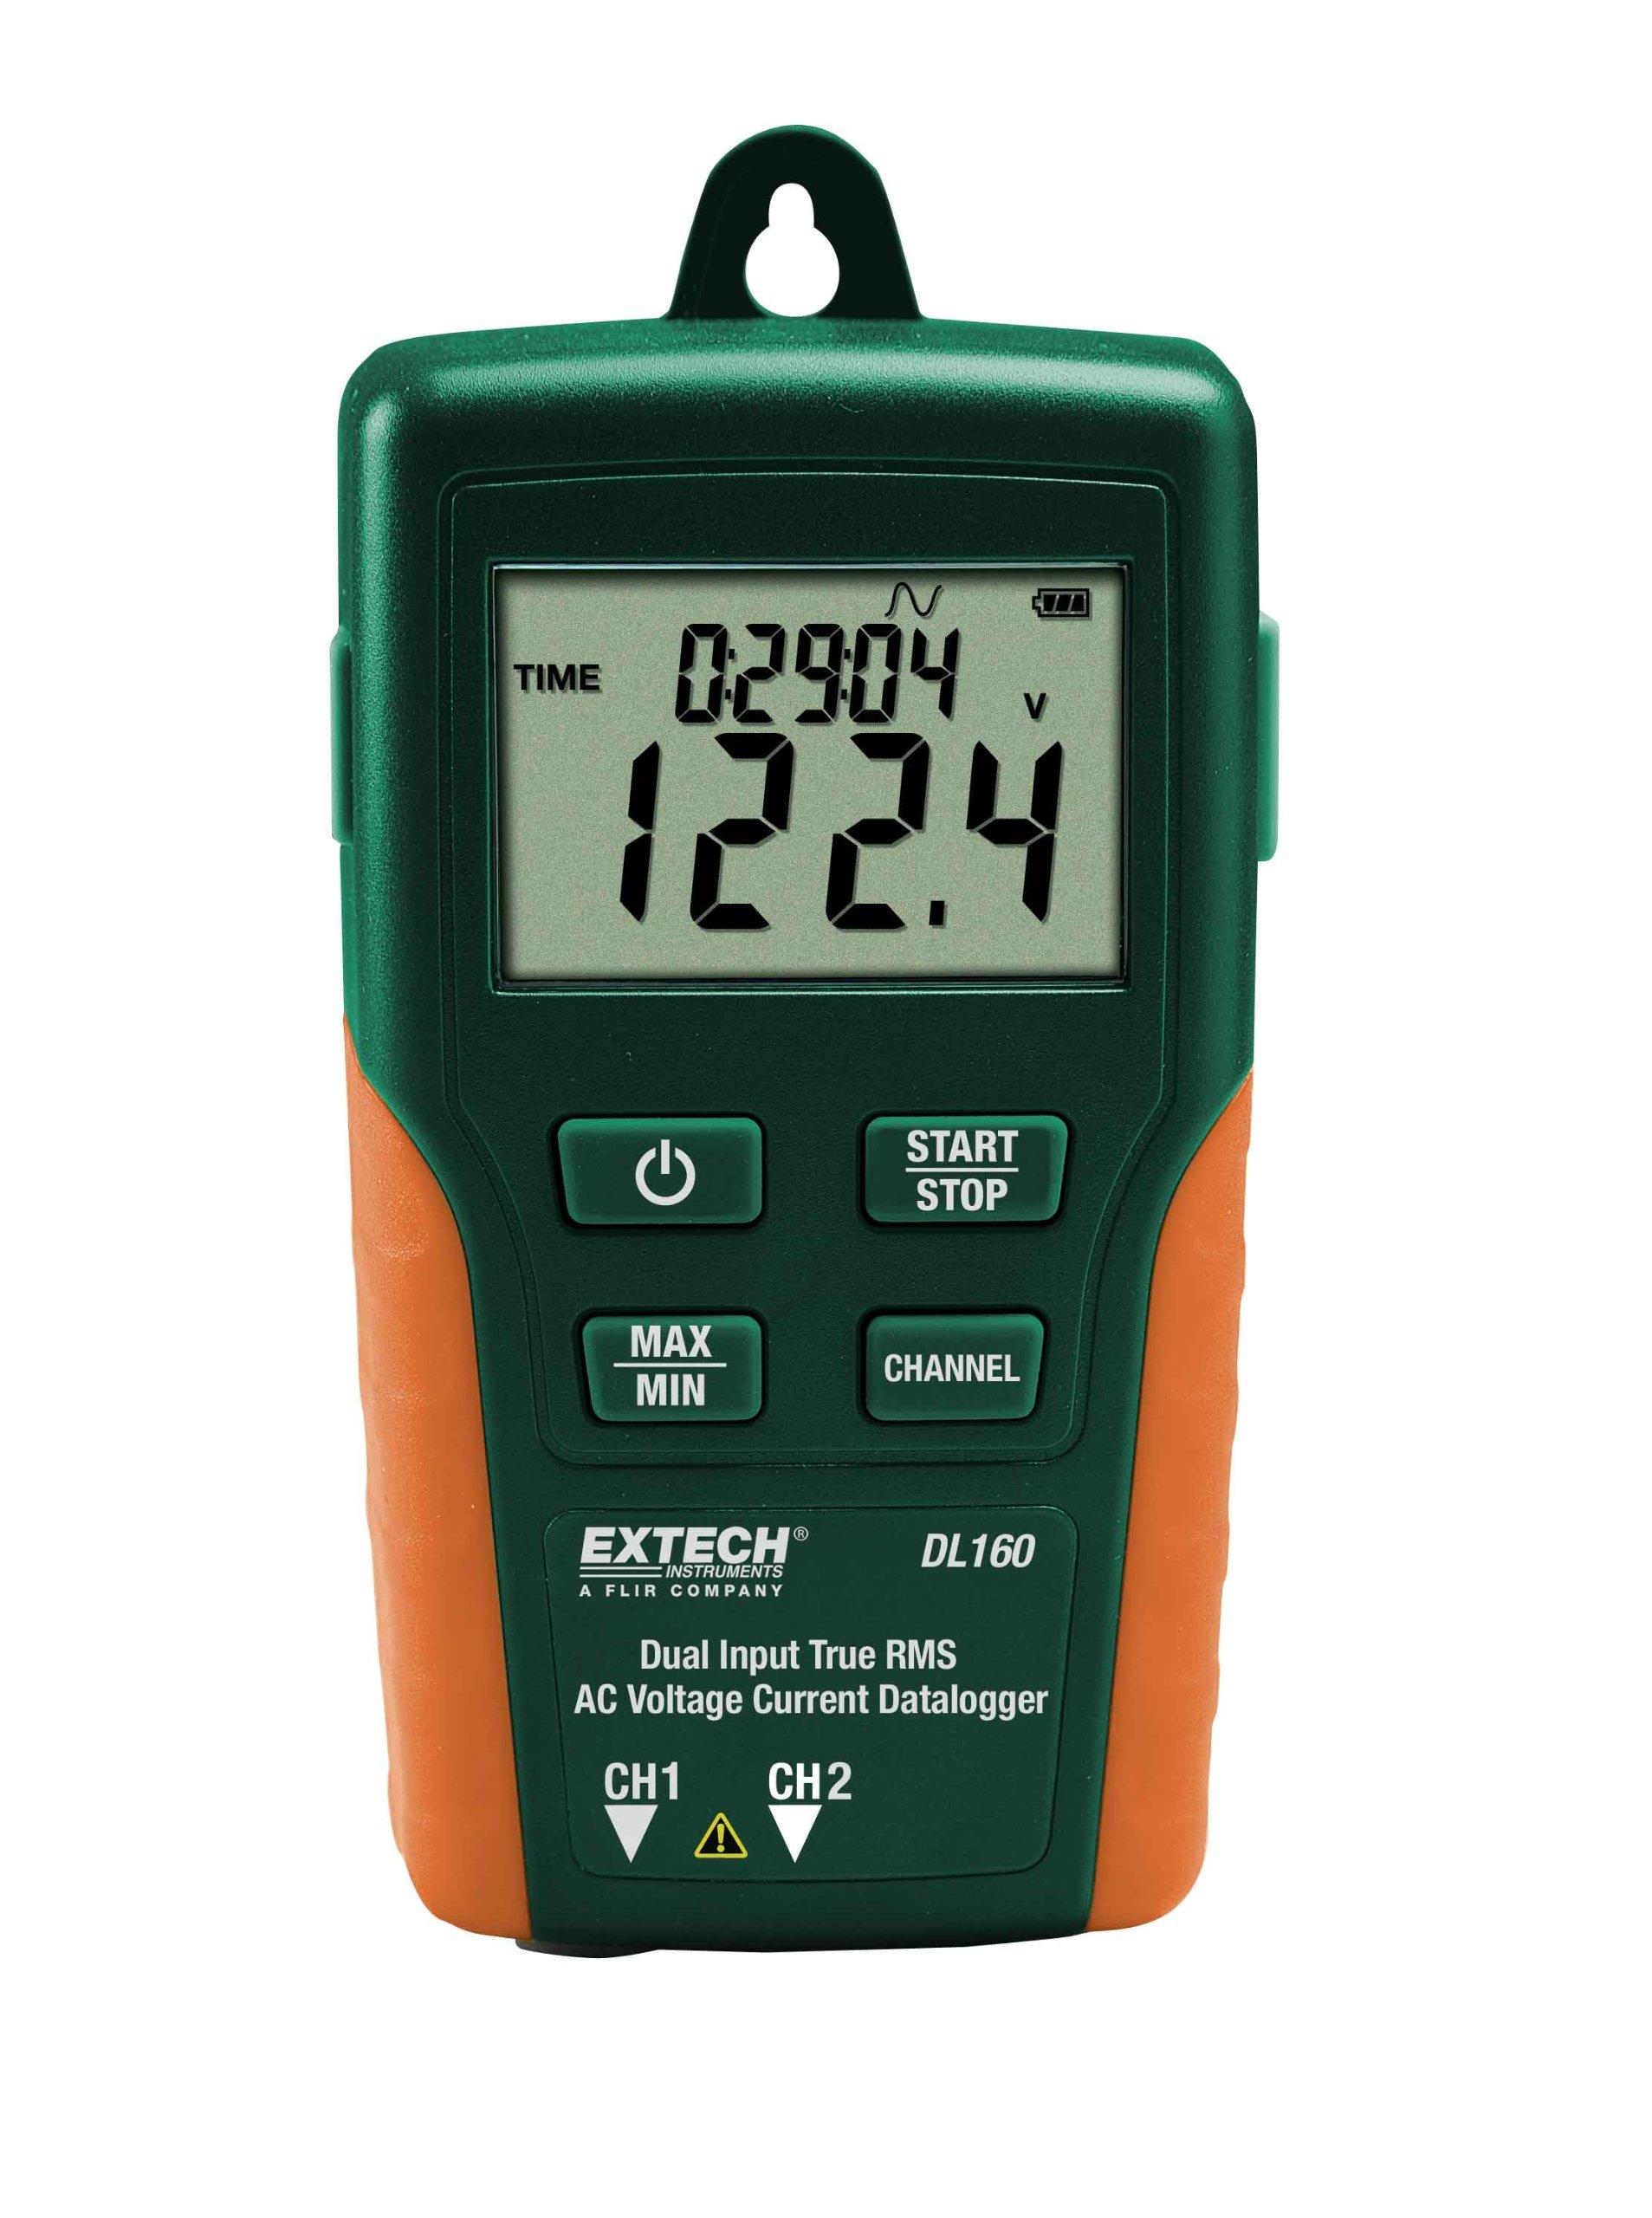 Extech DL160 Dual Input True RMS AC Voltage/Current Datalogger